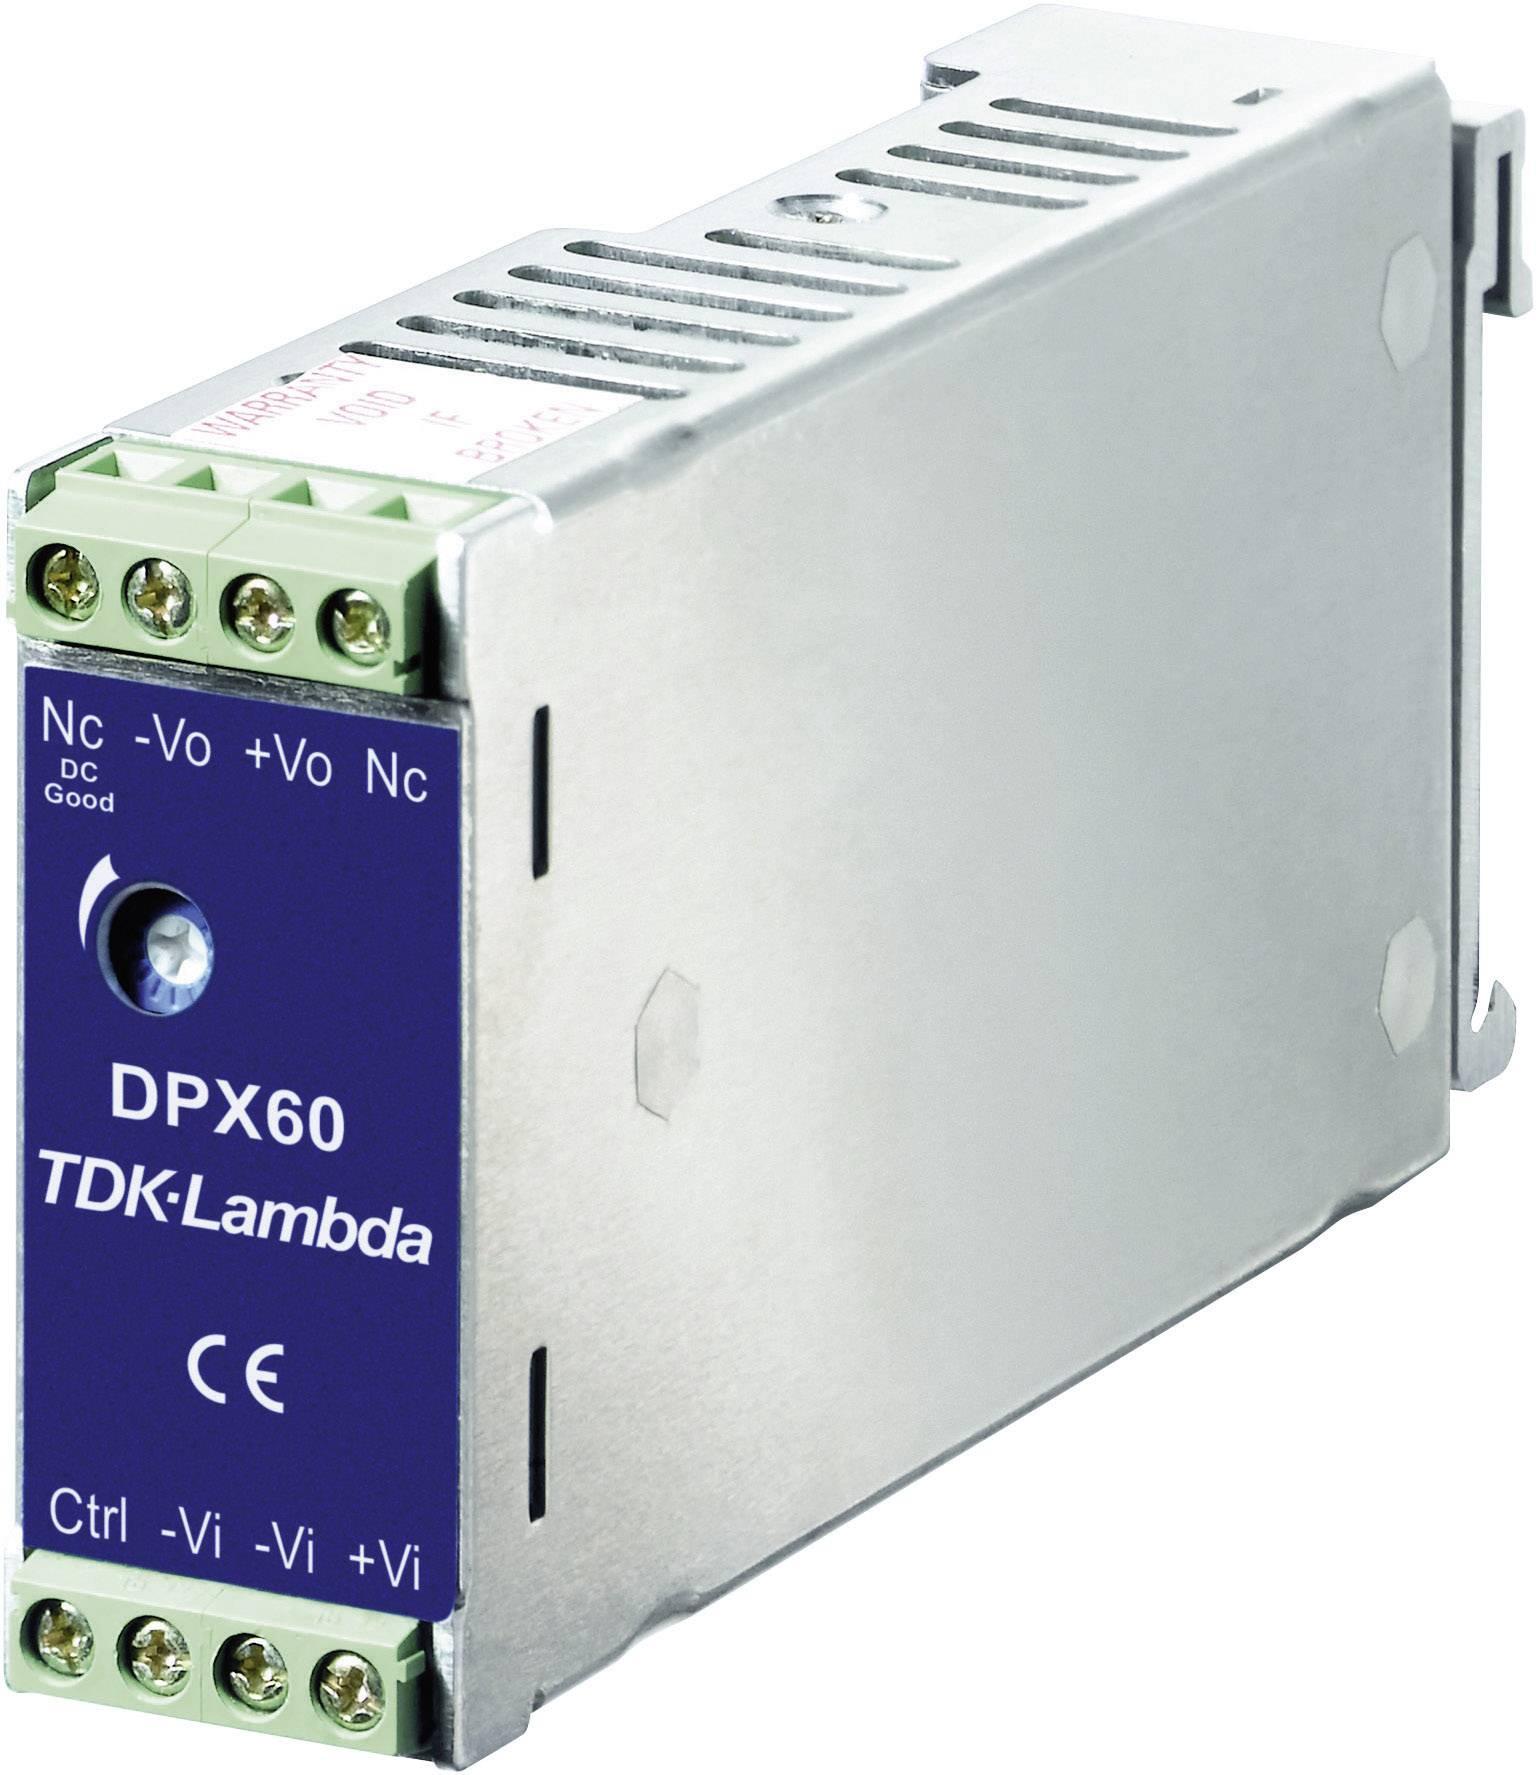 Spínaný síťový zdroj TDK-Lambda DPX60-48S15 na DIN lištu, 15 V/DC, 4 A